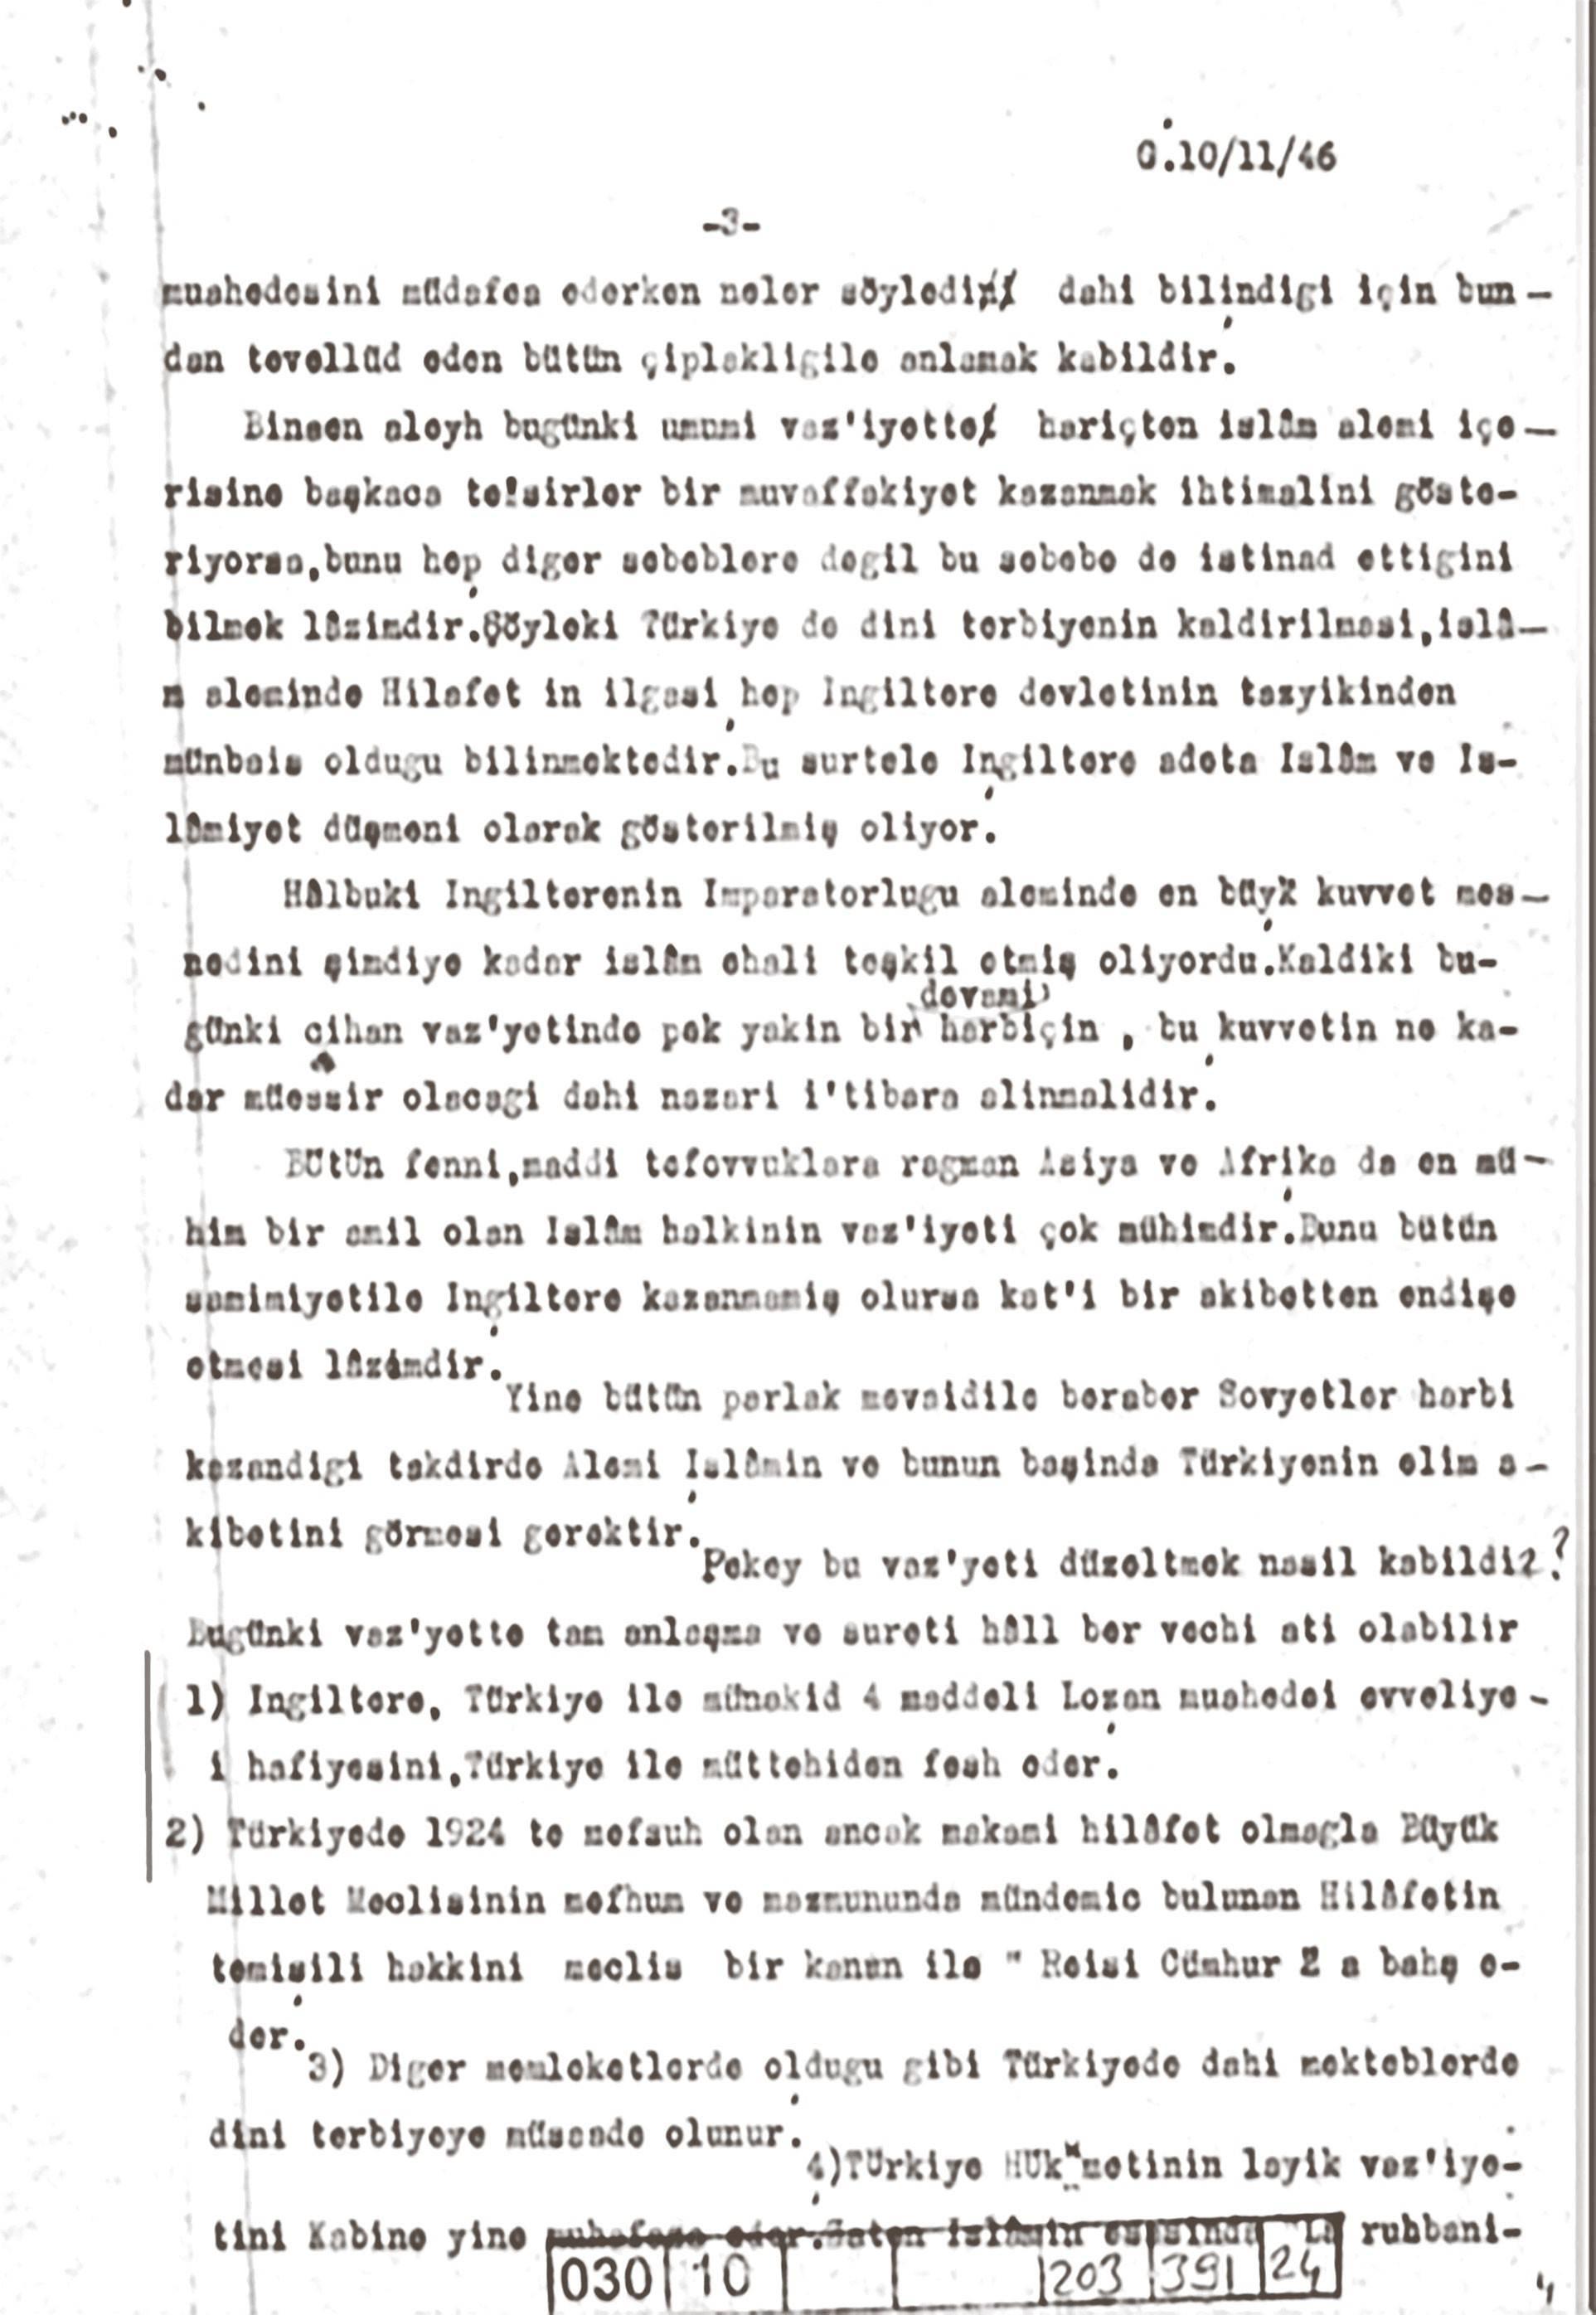 Kemal Ohri'nin Cumhurbaşkanı İnönü'ye gönderdiği Hilafet mektubunun ilgili sayfası